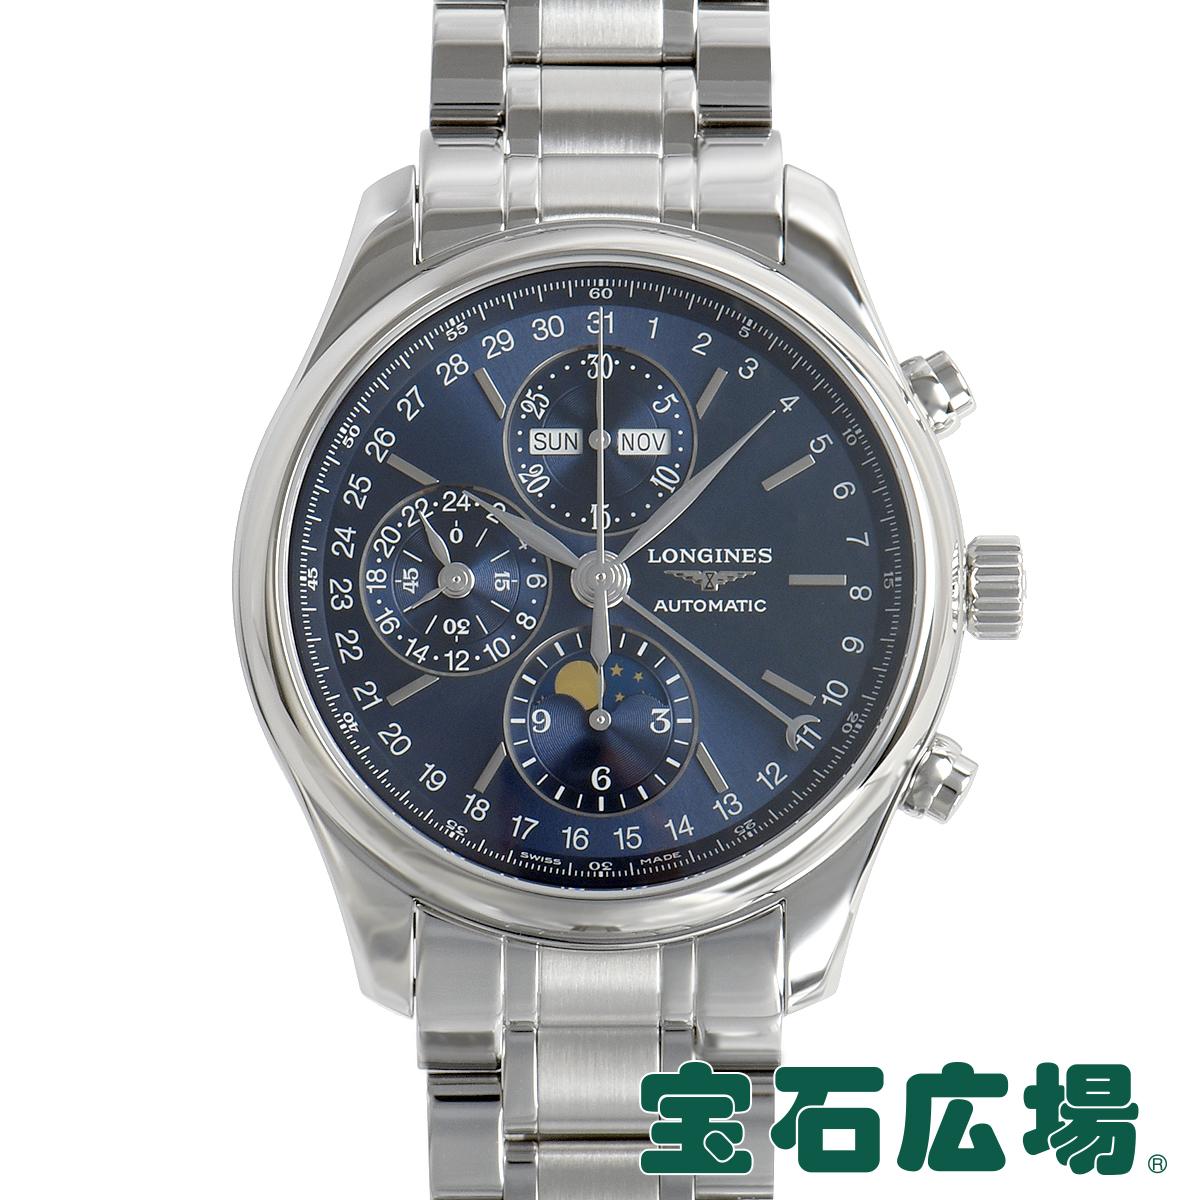 ロンジン LONGINES マスターコレクション クロノムーンフェイズ L2.773.4.92.6【新品】メンズ 腕時計 送料・代引手数料無料